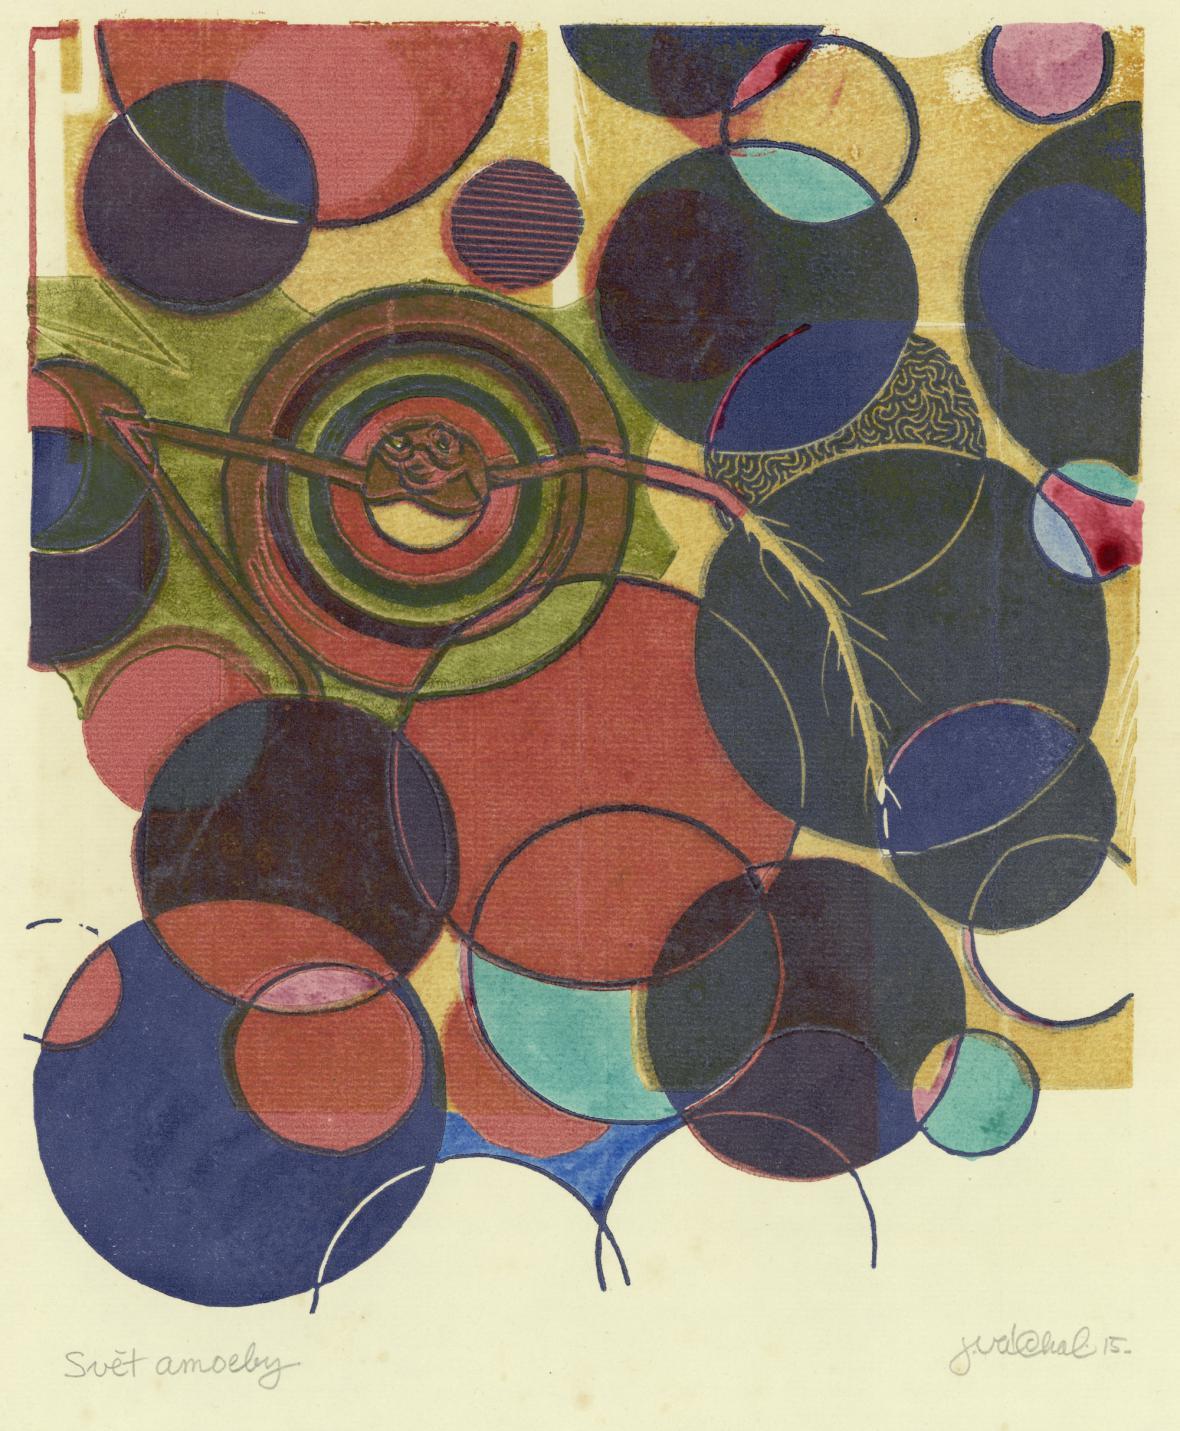 Josef Váchal / Svět amoeby, z cyklu meditace o životě (Svět jednotlivcův), 1915